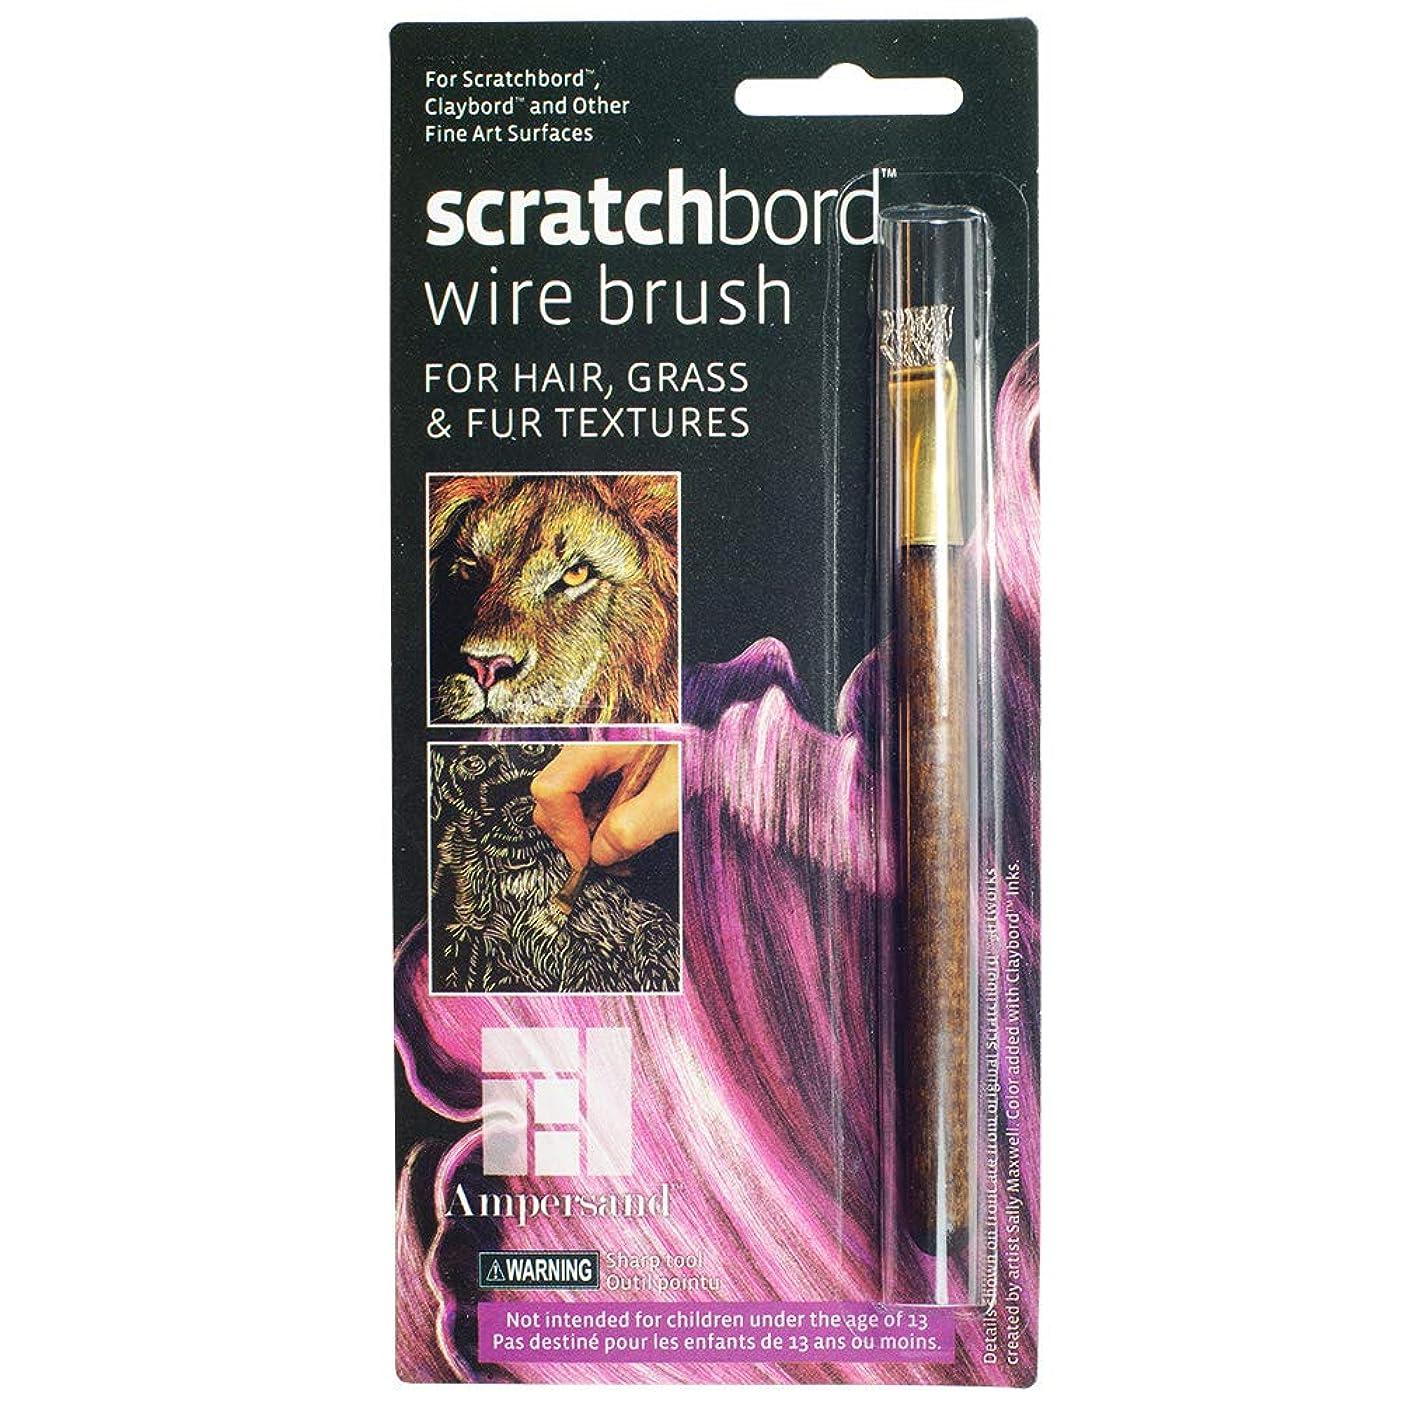 Claybord Wire Brush